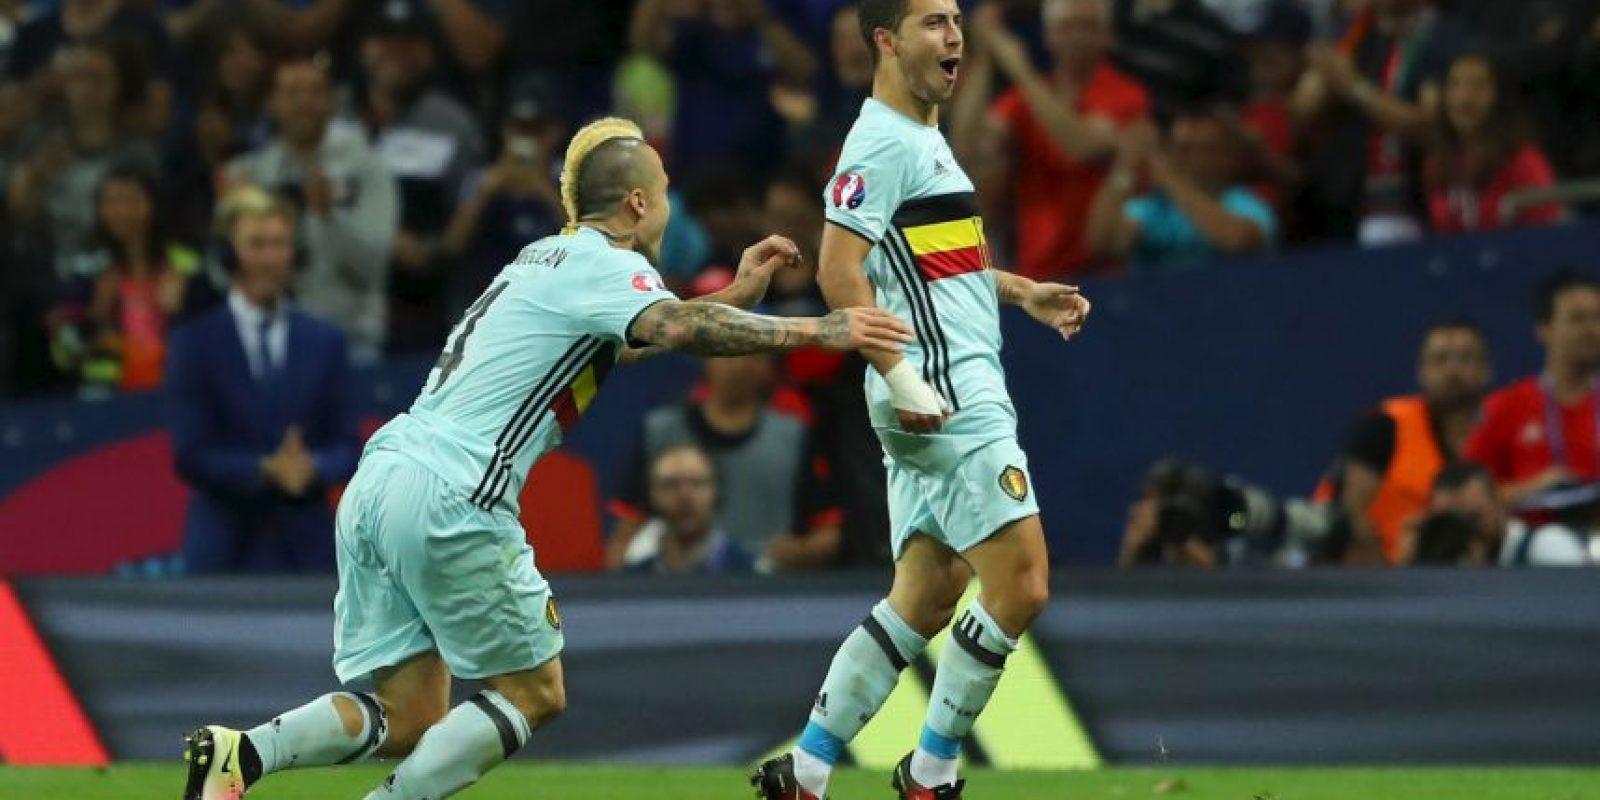 Bélgica viene de golear por 4 a 0 a Hungría y revalidó su chapa de candidato en la Eurocopa Foto:Getty Images